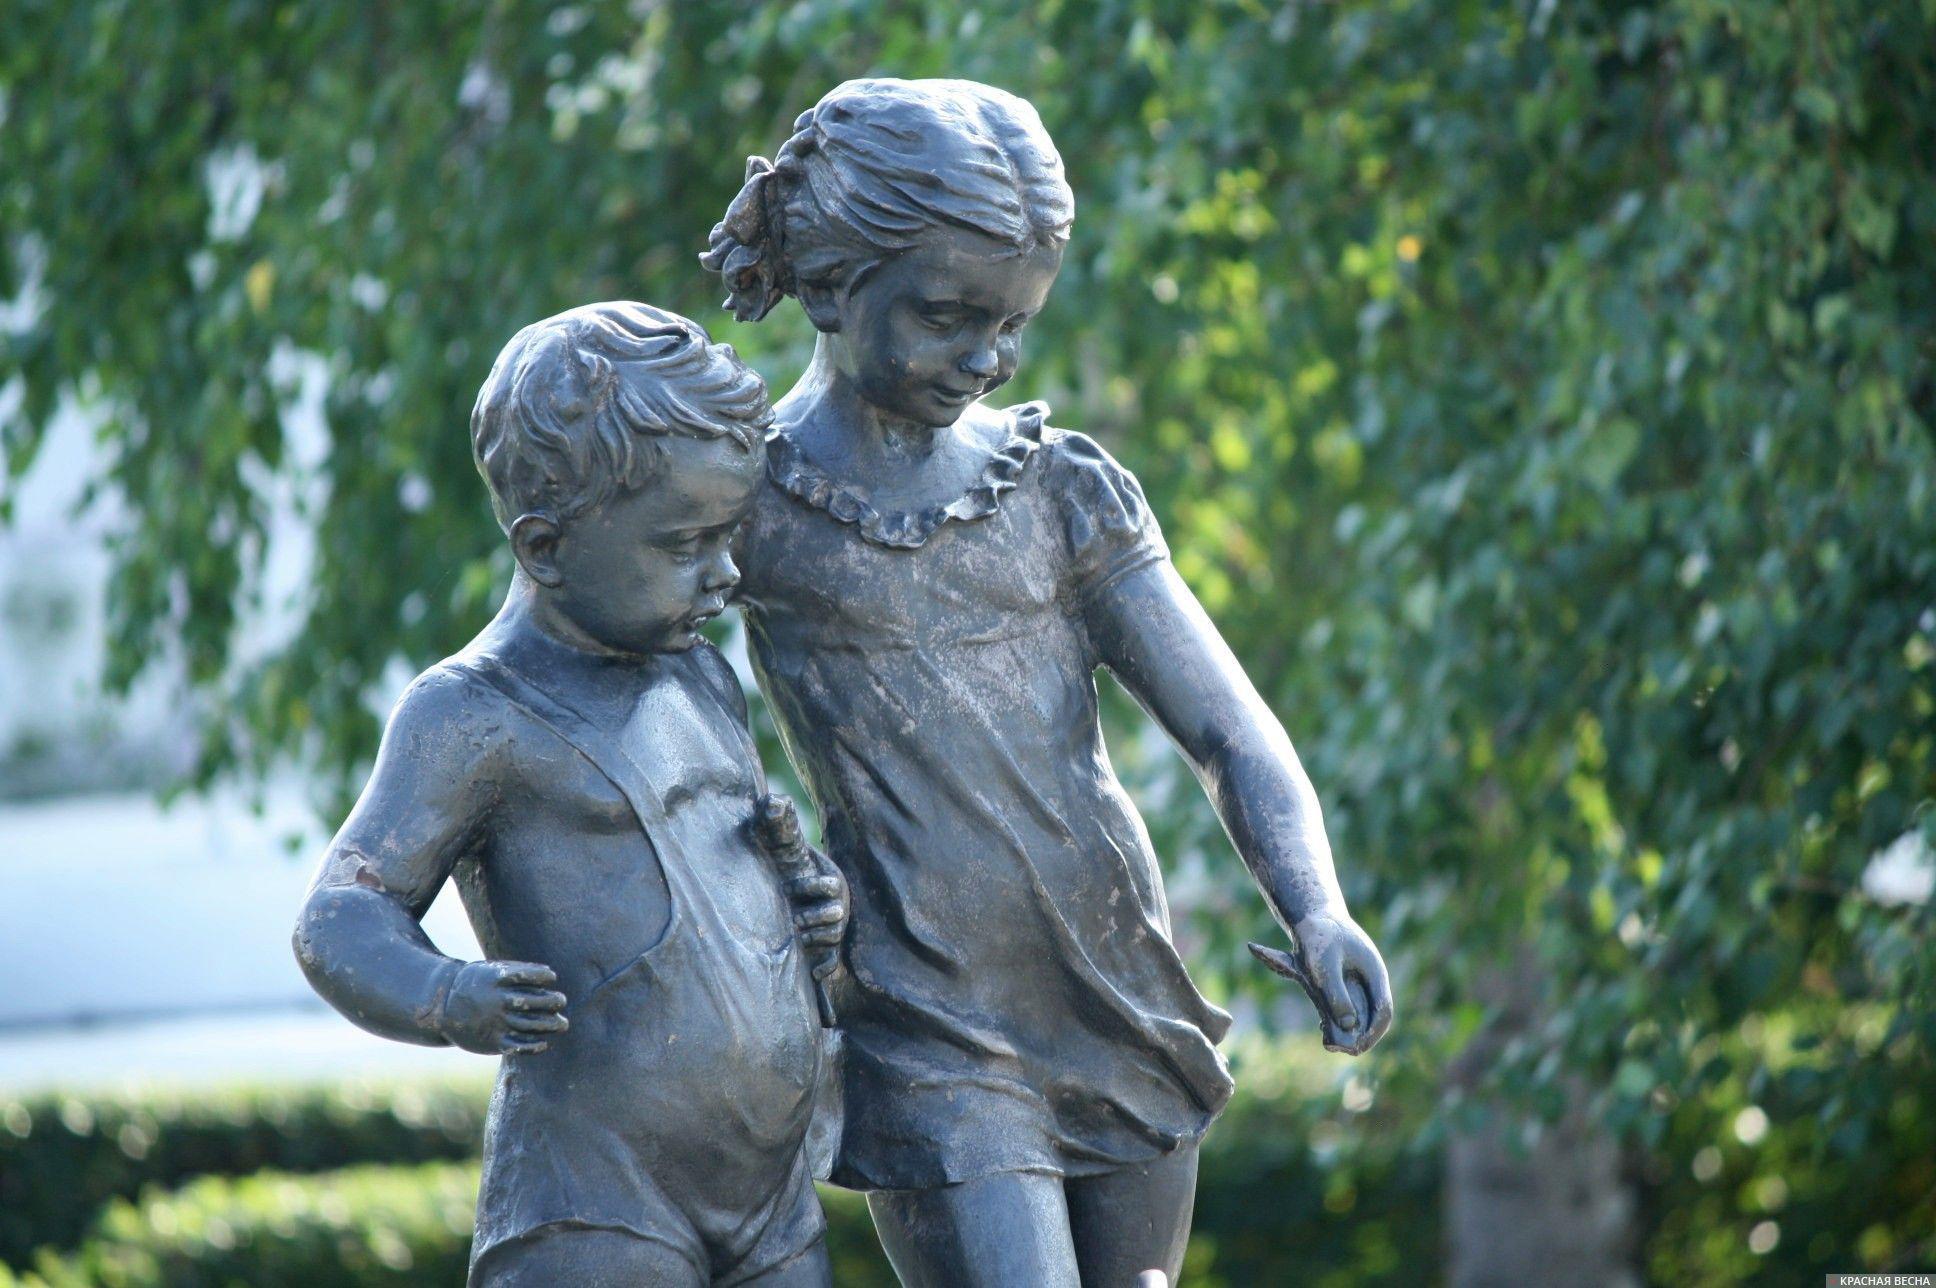 Памятник. Дети, кормящие пингвинов. Омск. Анна Рыжкова © ИА Красная Весна